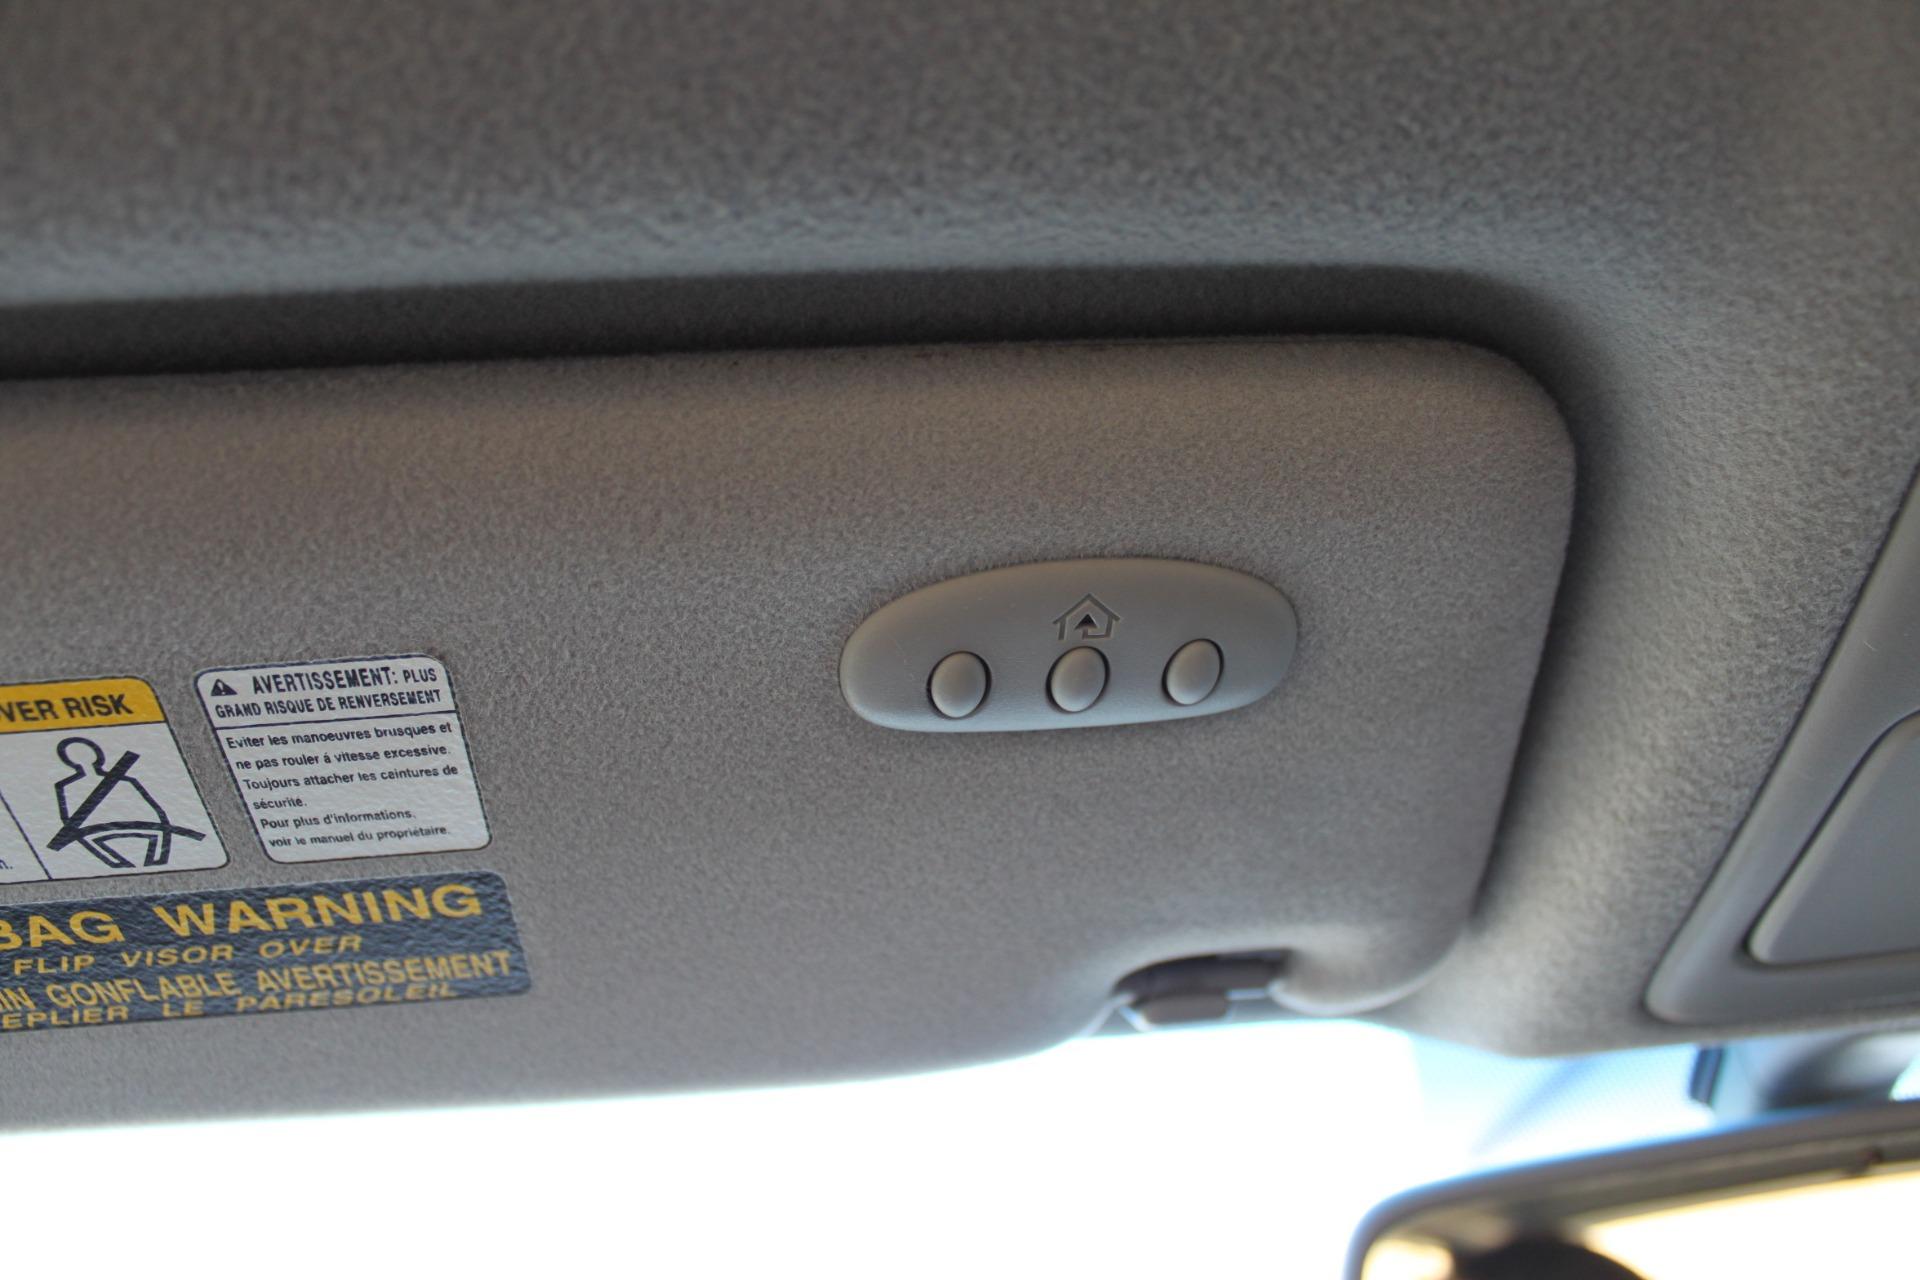 Used-2003-Lexus-RX-300-AWD-vintage